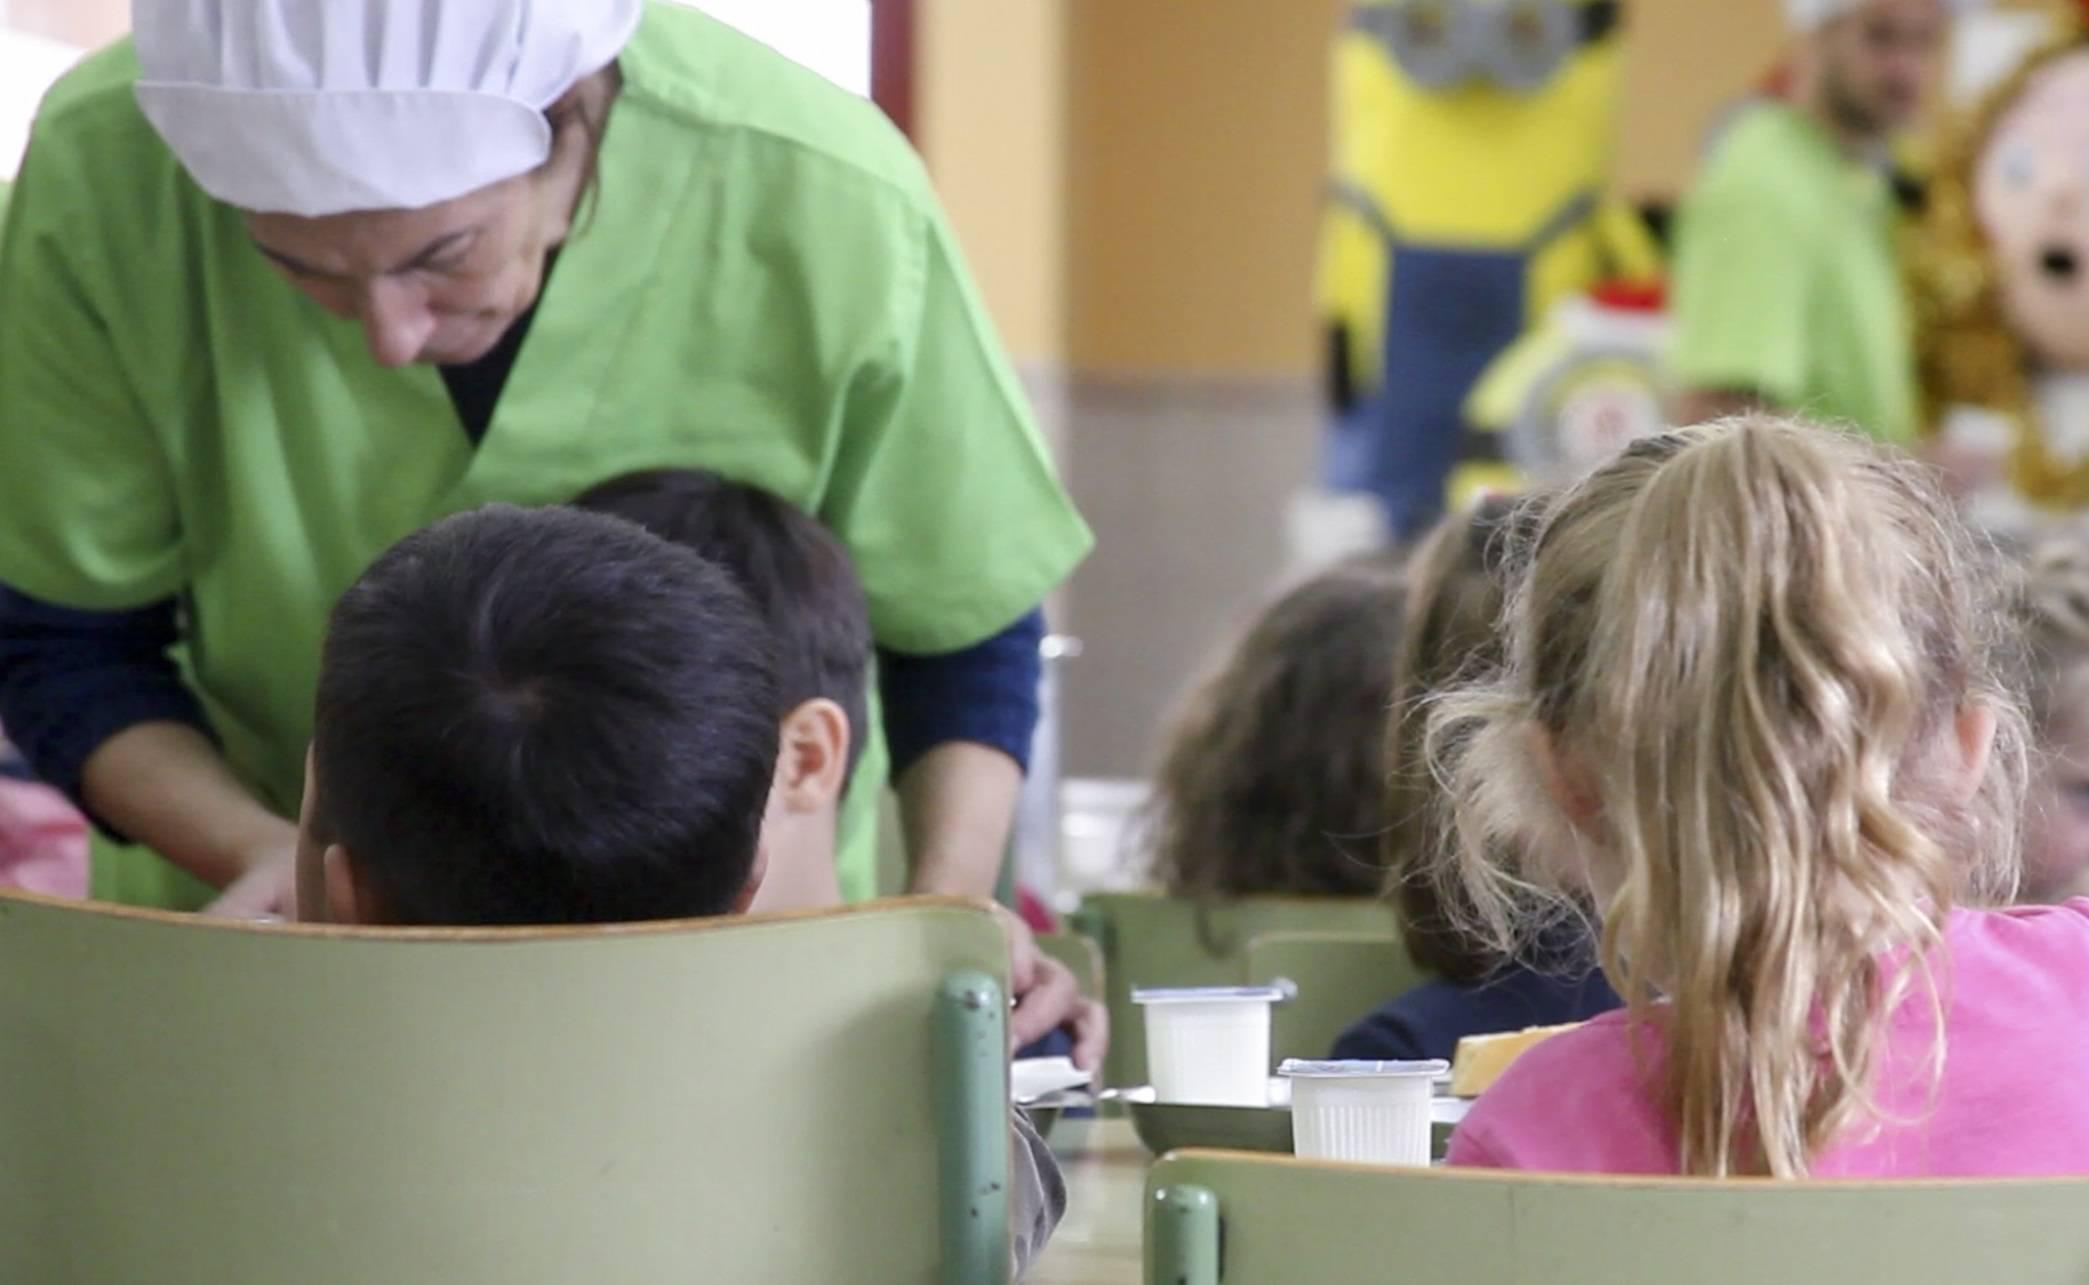 Los comedores escolares abrirán en Semana Santa para dar servicio a más de 2.800 alumnos 3